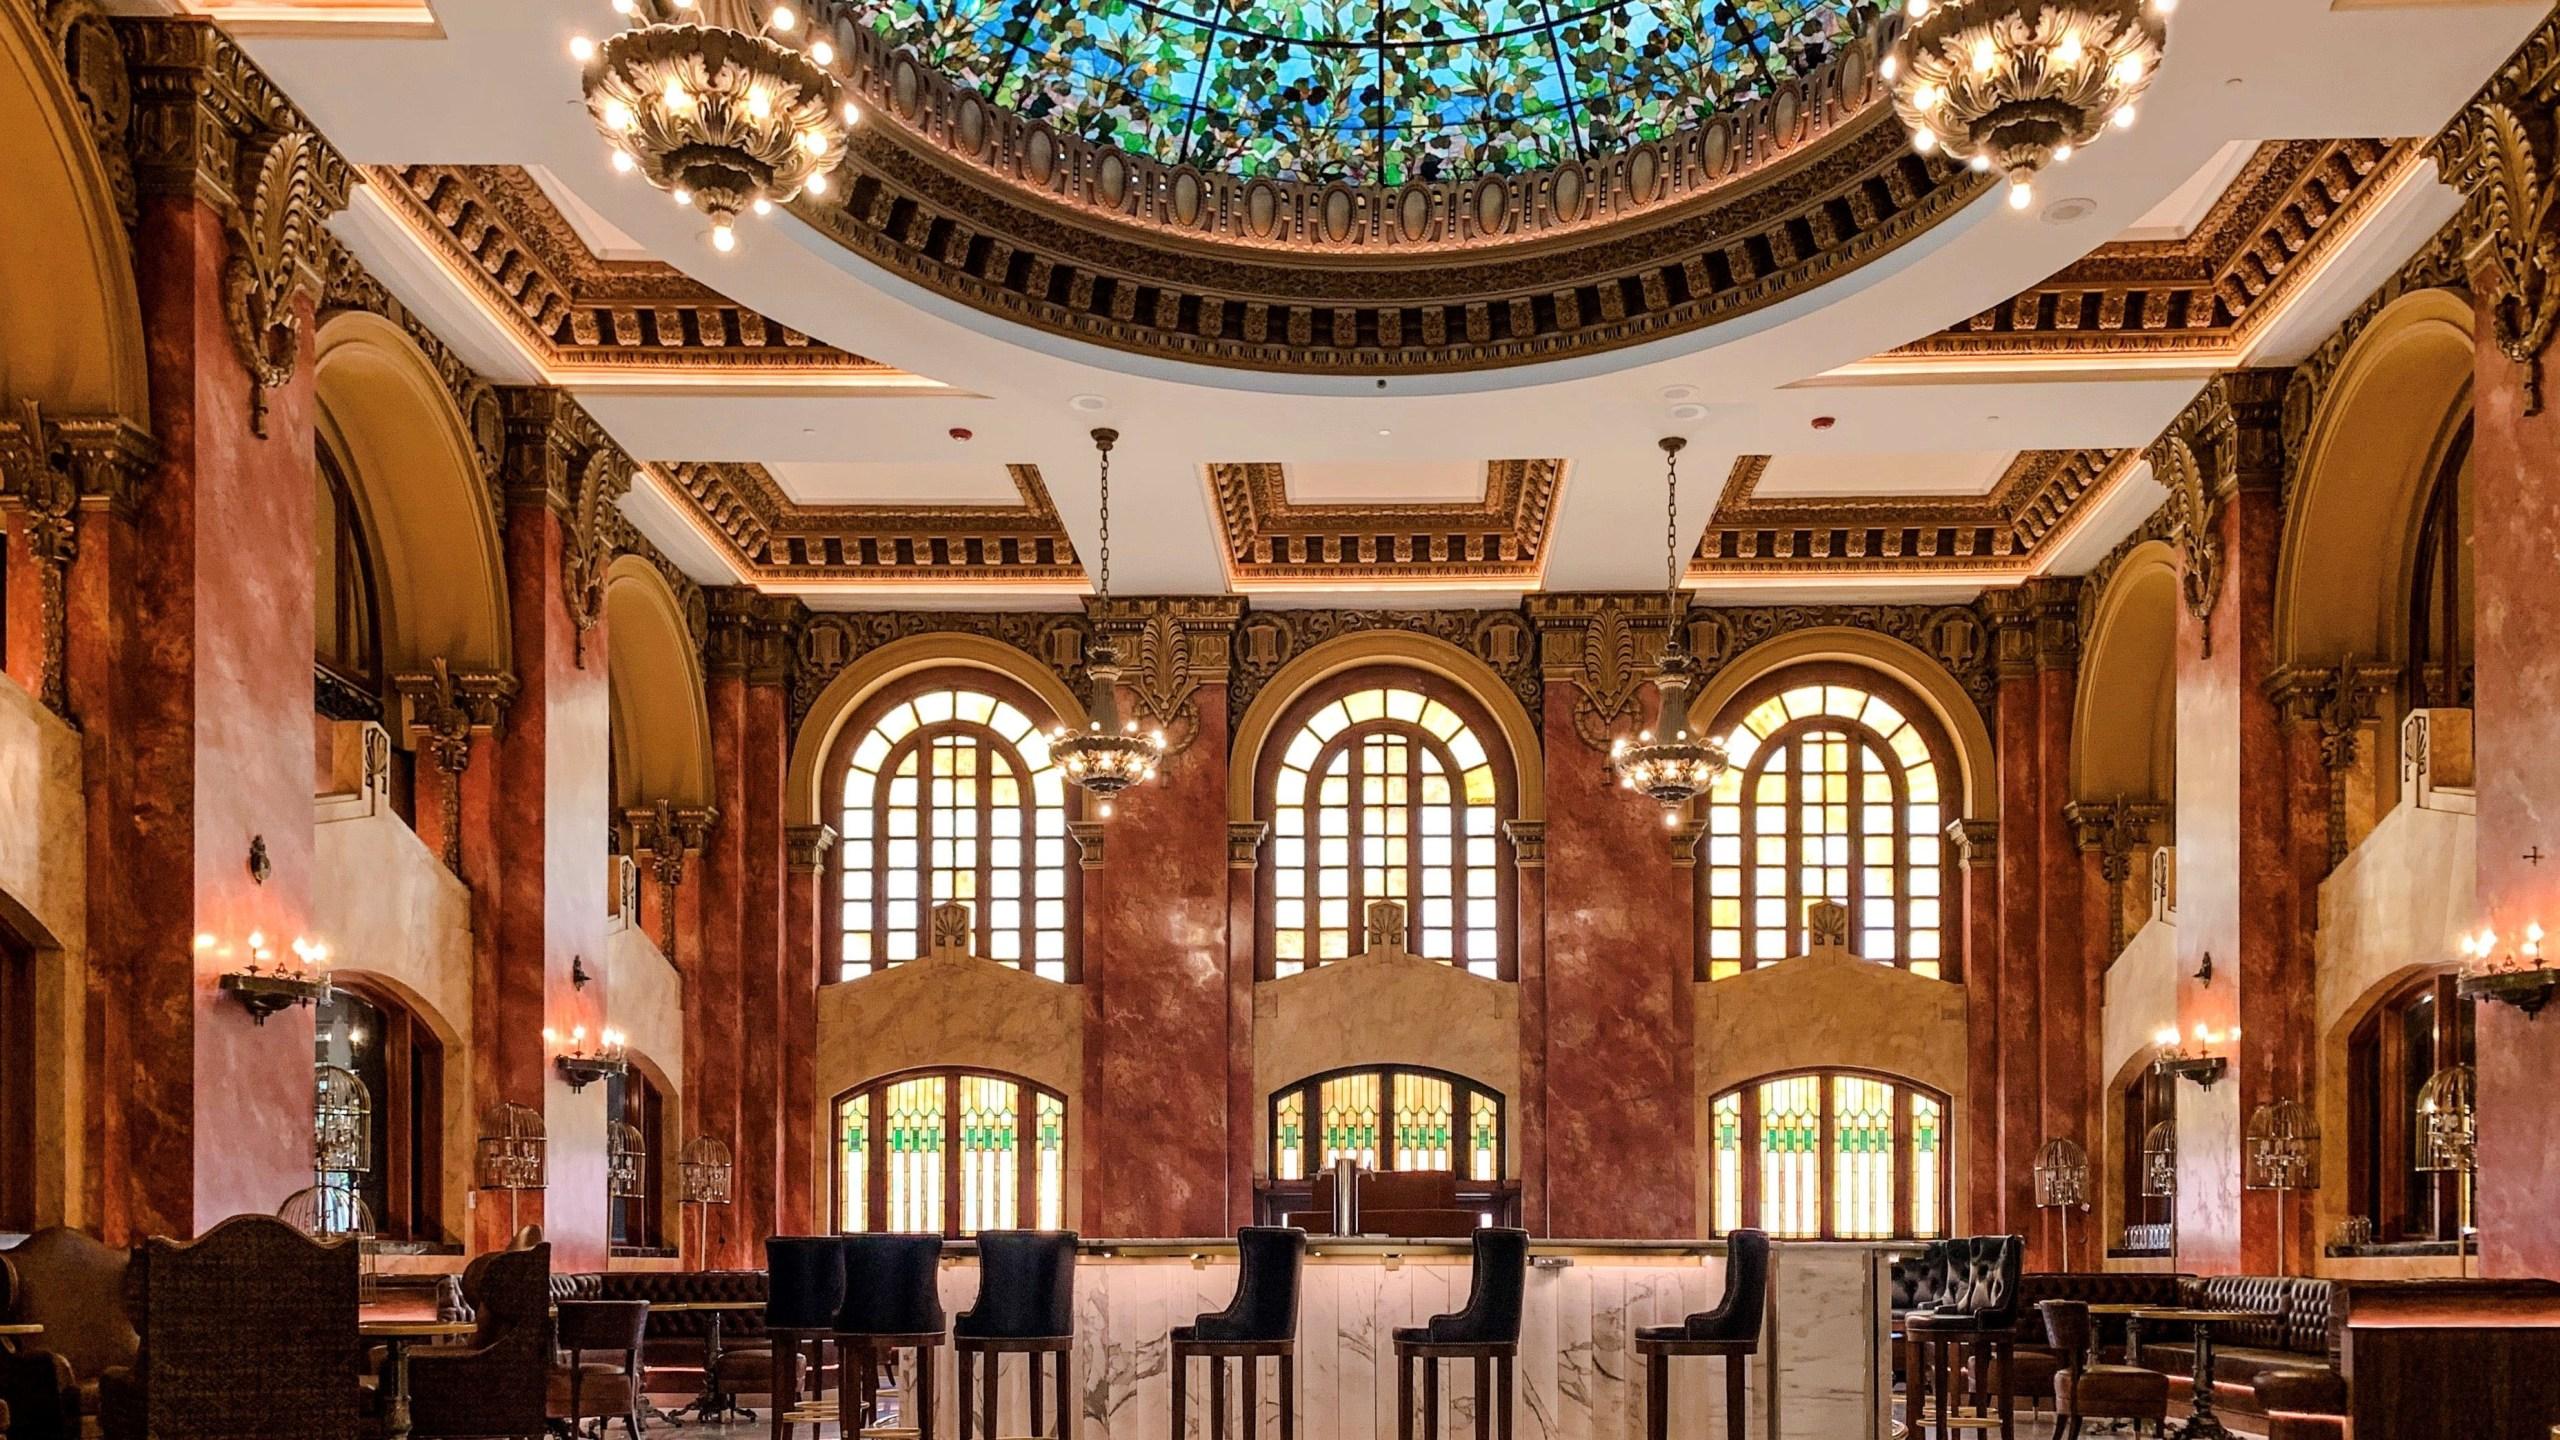 Hotel Paso del Norte Dome Bar